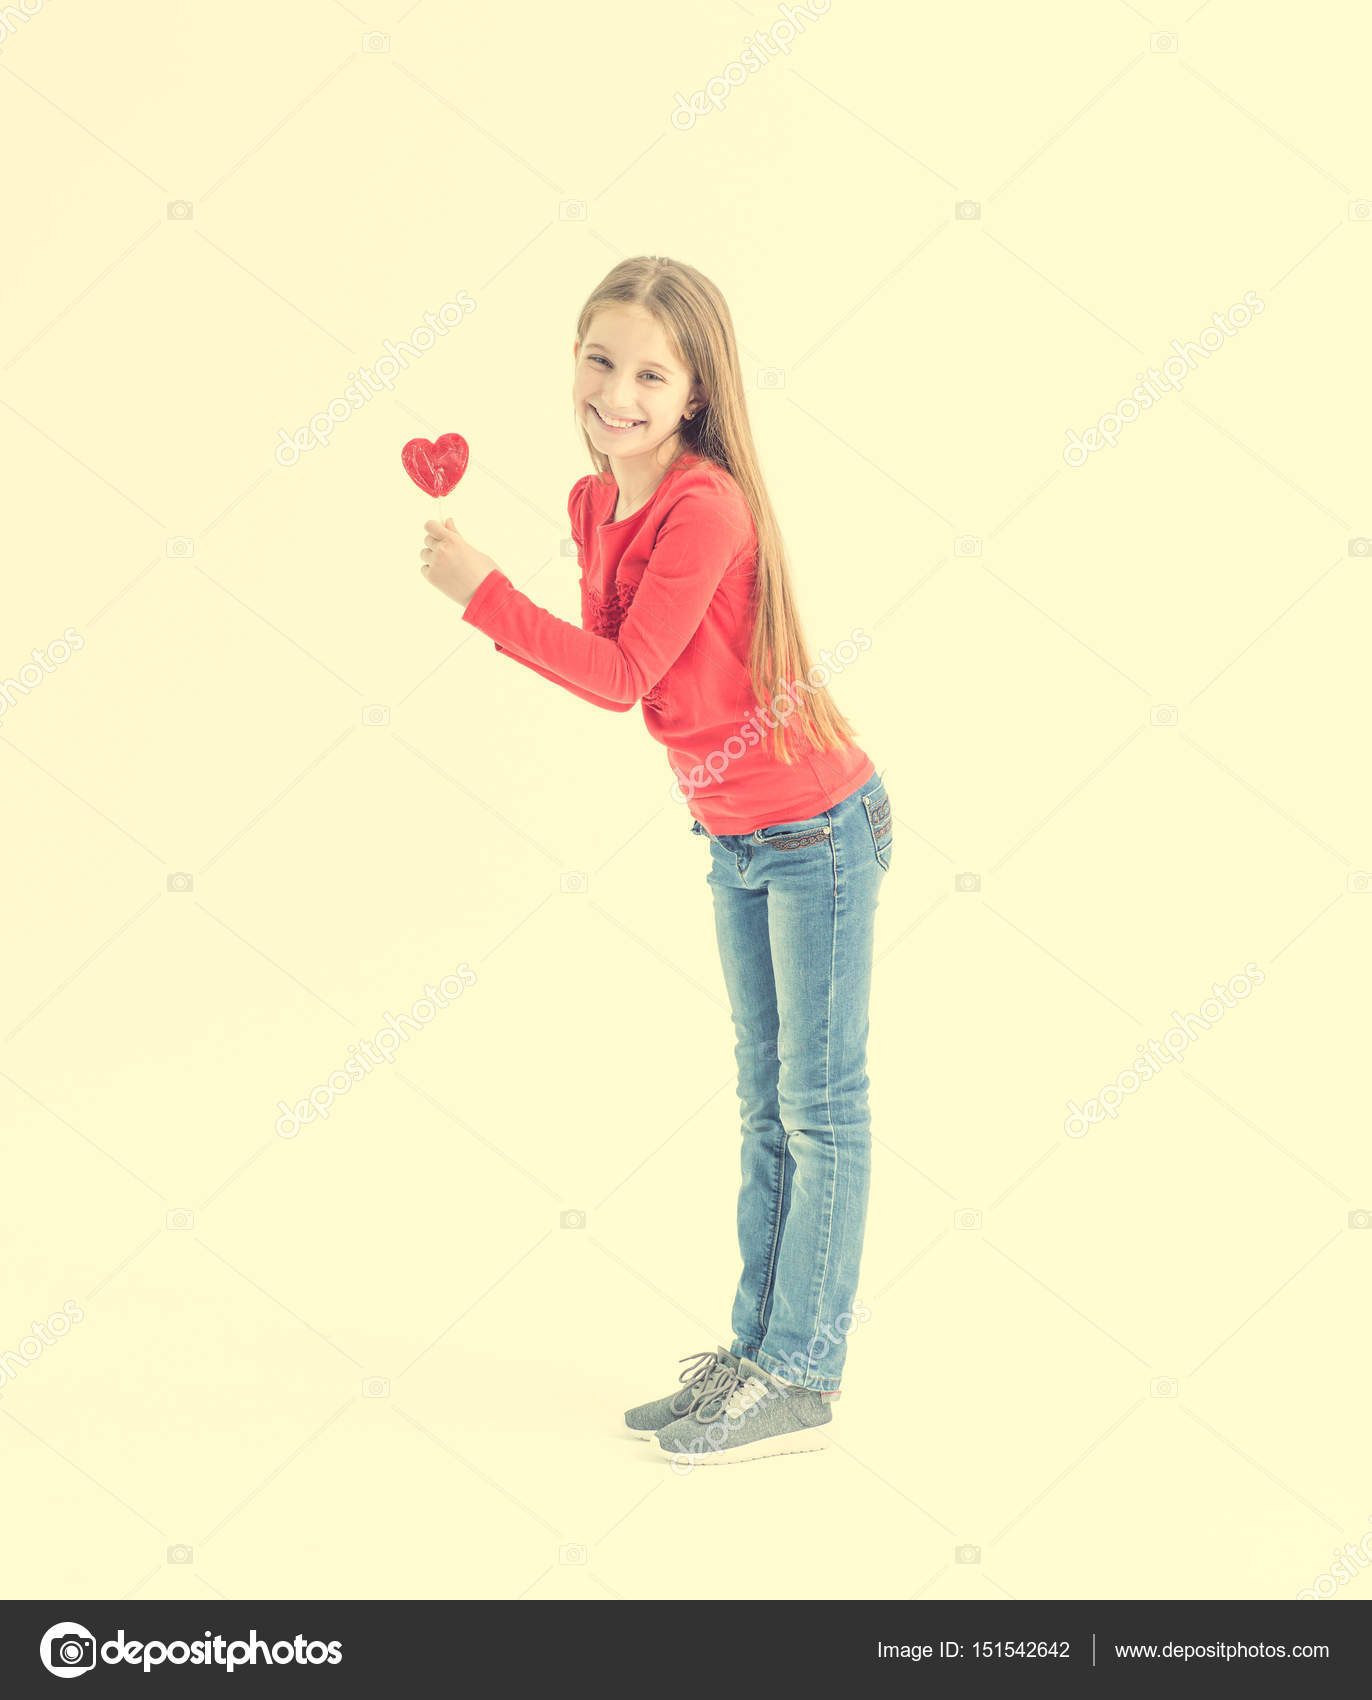 6076b348492 Εφηβικό κορίτσι σε ένα κόκκινο μπλουζάκι με σχήμα καρδιάς γλειφιτζούρια —  Εικόνα από tan4ikk